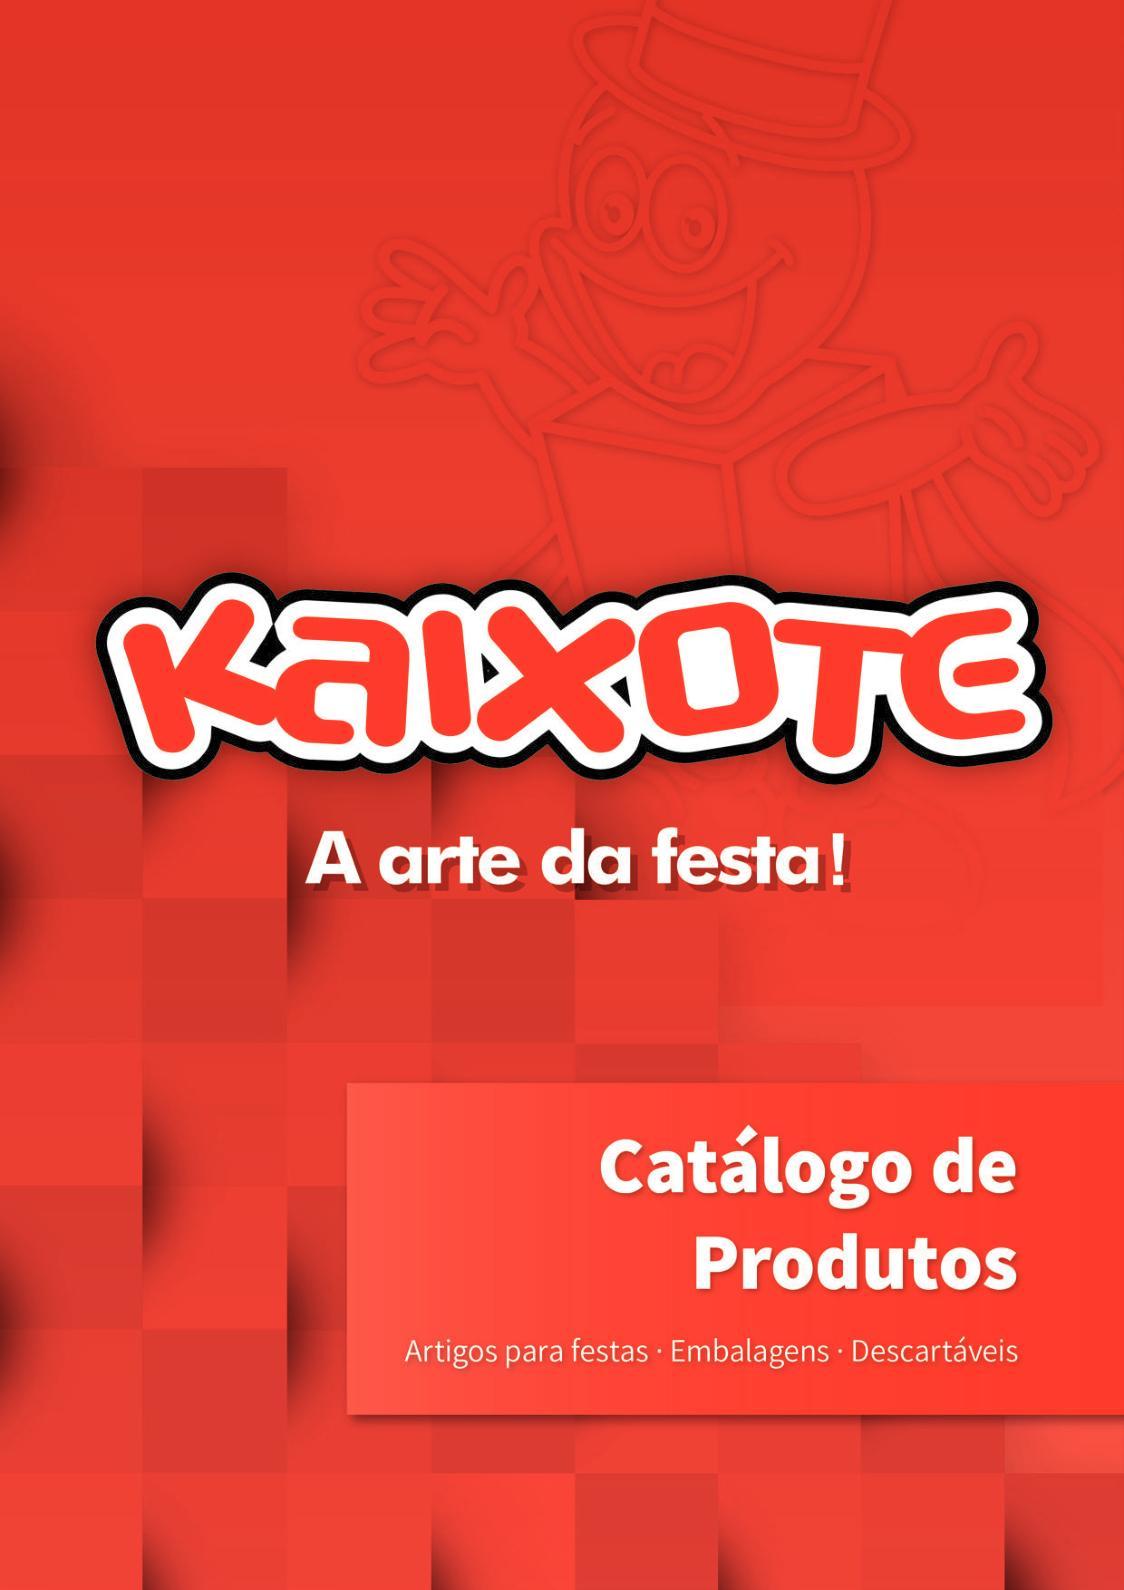 Catalogo Geral 2018 Kaixote